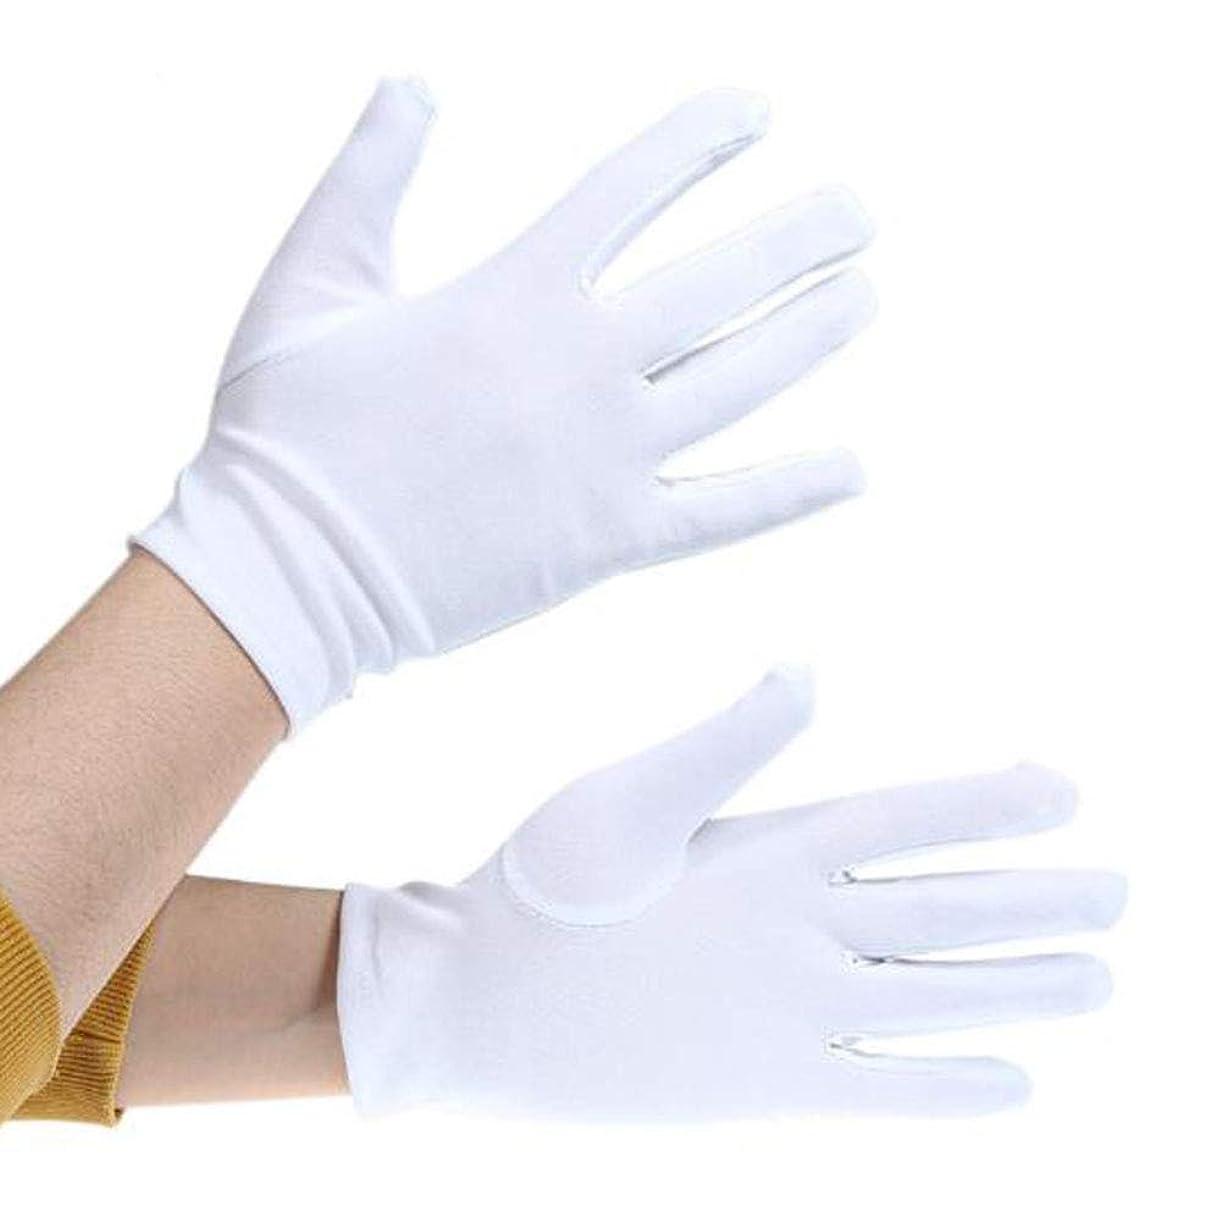 食事を調理する実証するバー白手袋薄 礼装用 ジュエリーグローブ時計 貴金属 宝石 接客用 品質管理用 作業用手ぶくろ,保護着用者